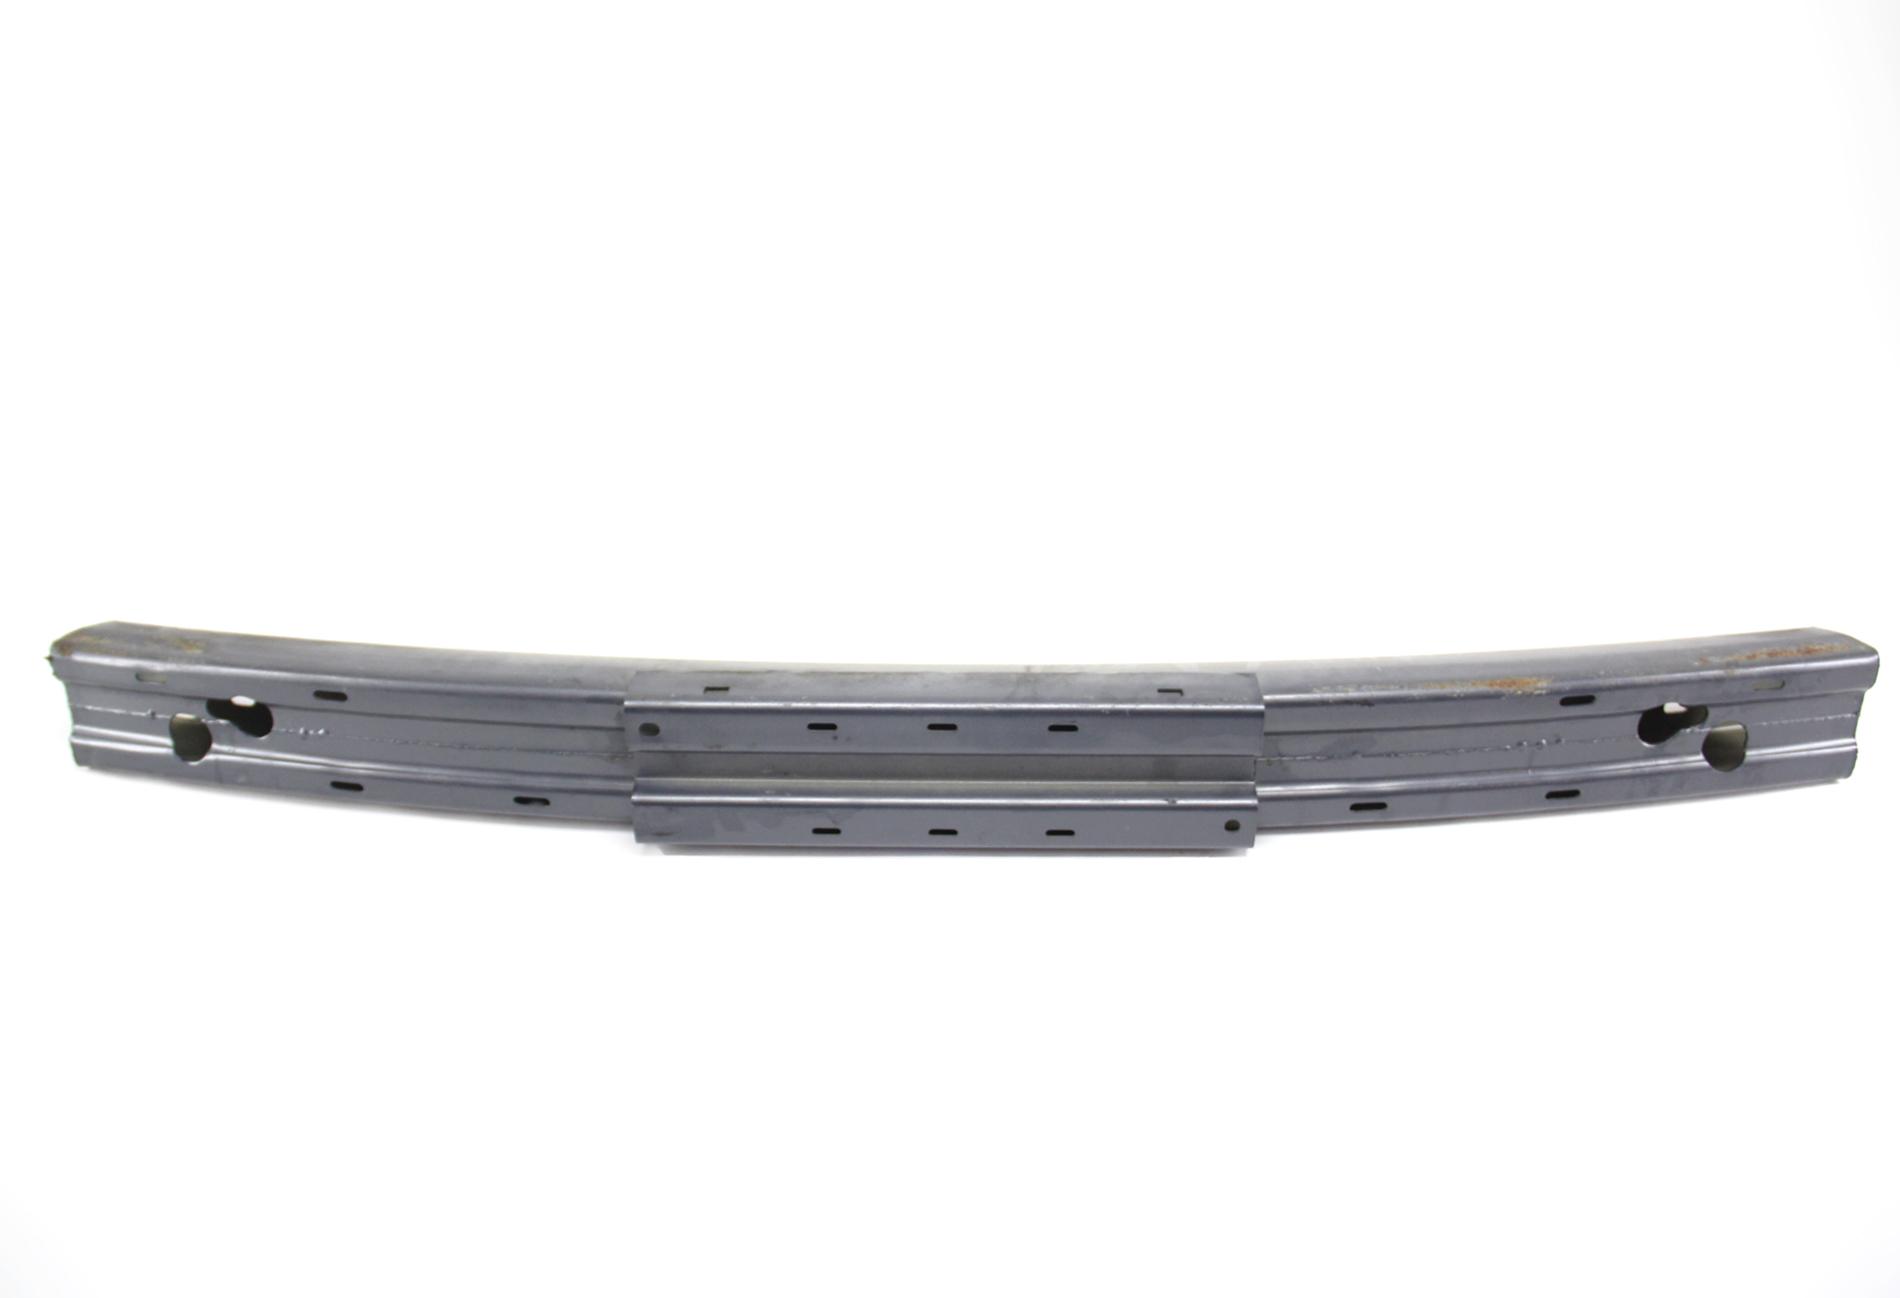 04 05 06 07 08 Acura TL Brake Pedal Sensor 2004 2005 2006 2007 2008 OEM